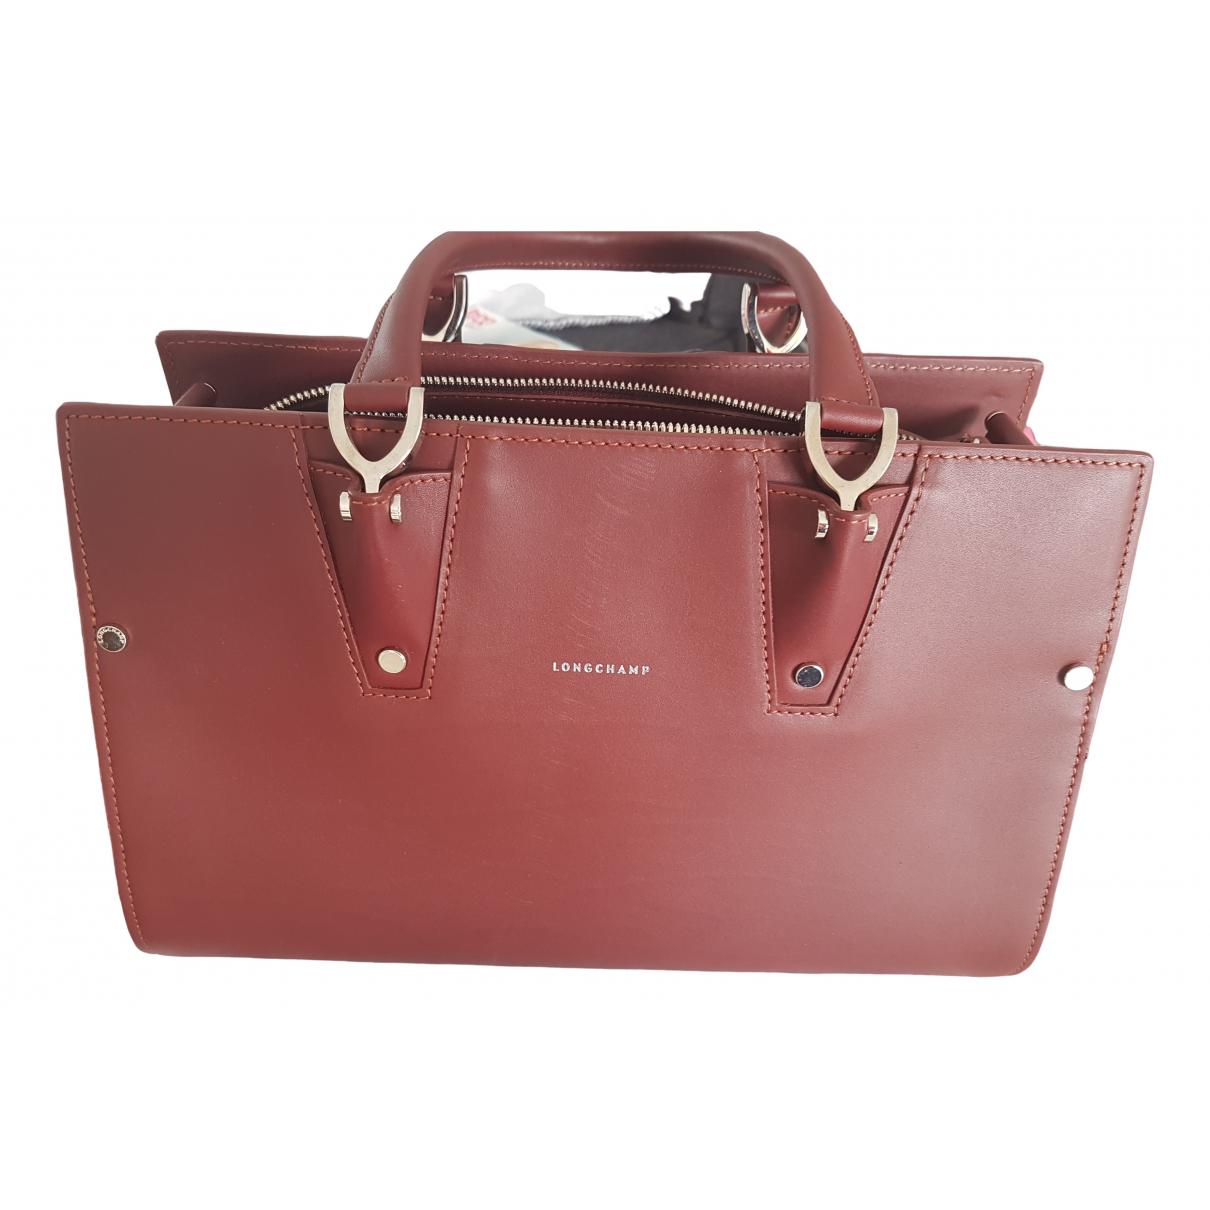 Longchamp \N Handtasche in  Bordeauxrot Leder